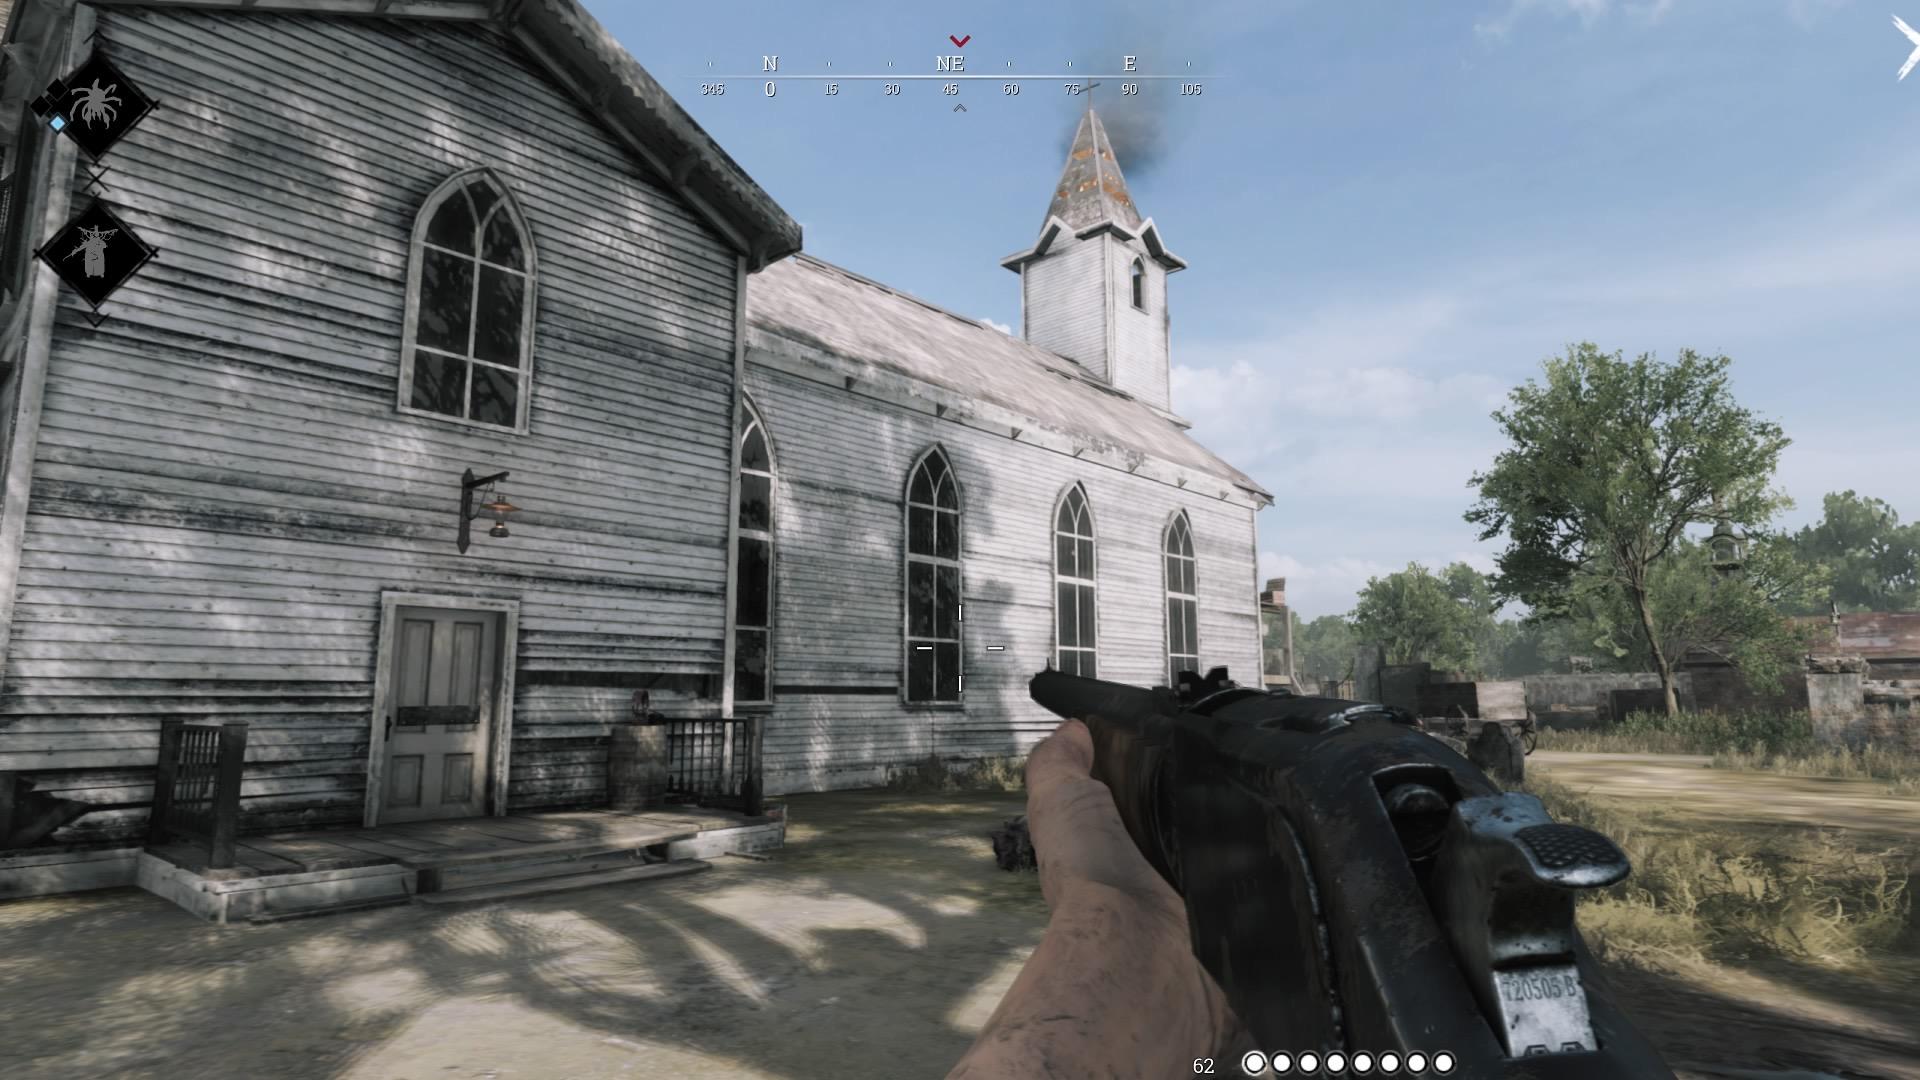 Llevamos varios días jugando a Hunt: Showdown en PS4. Es sorprendente que el juego haya pasado por mi nariz porque es único. 5